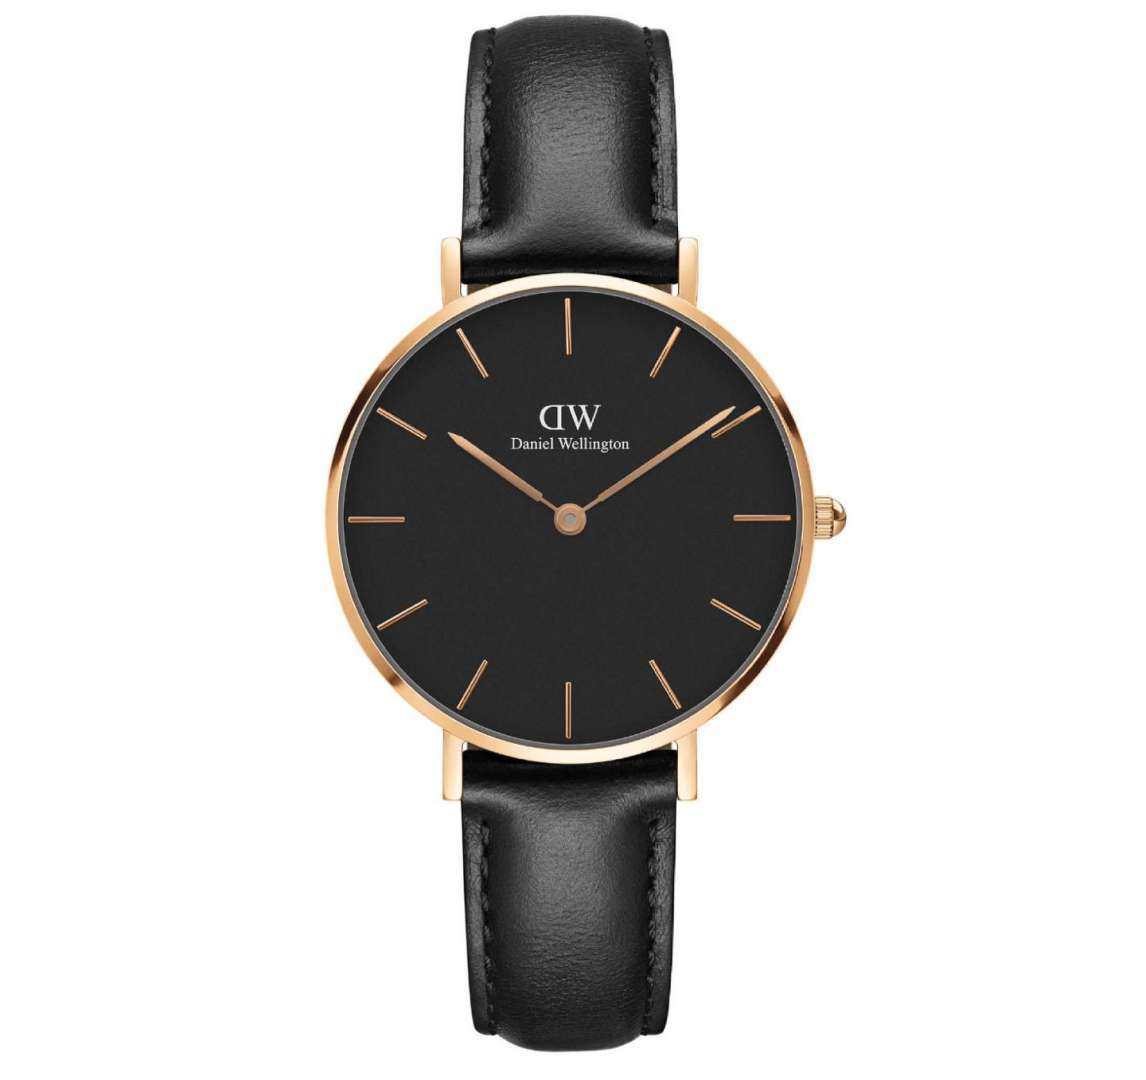 שעון יד אנלוגי daniel wellington DW00100168 דניאל וולינגטון